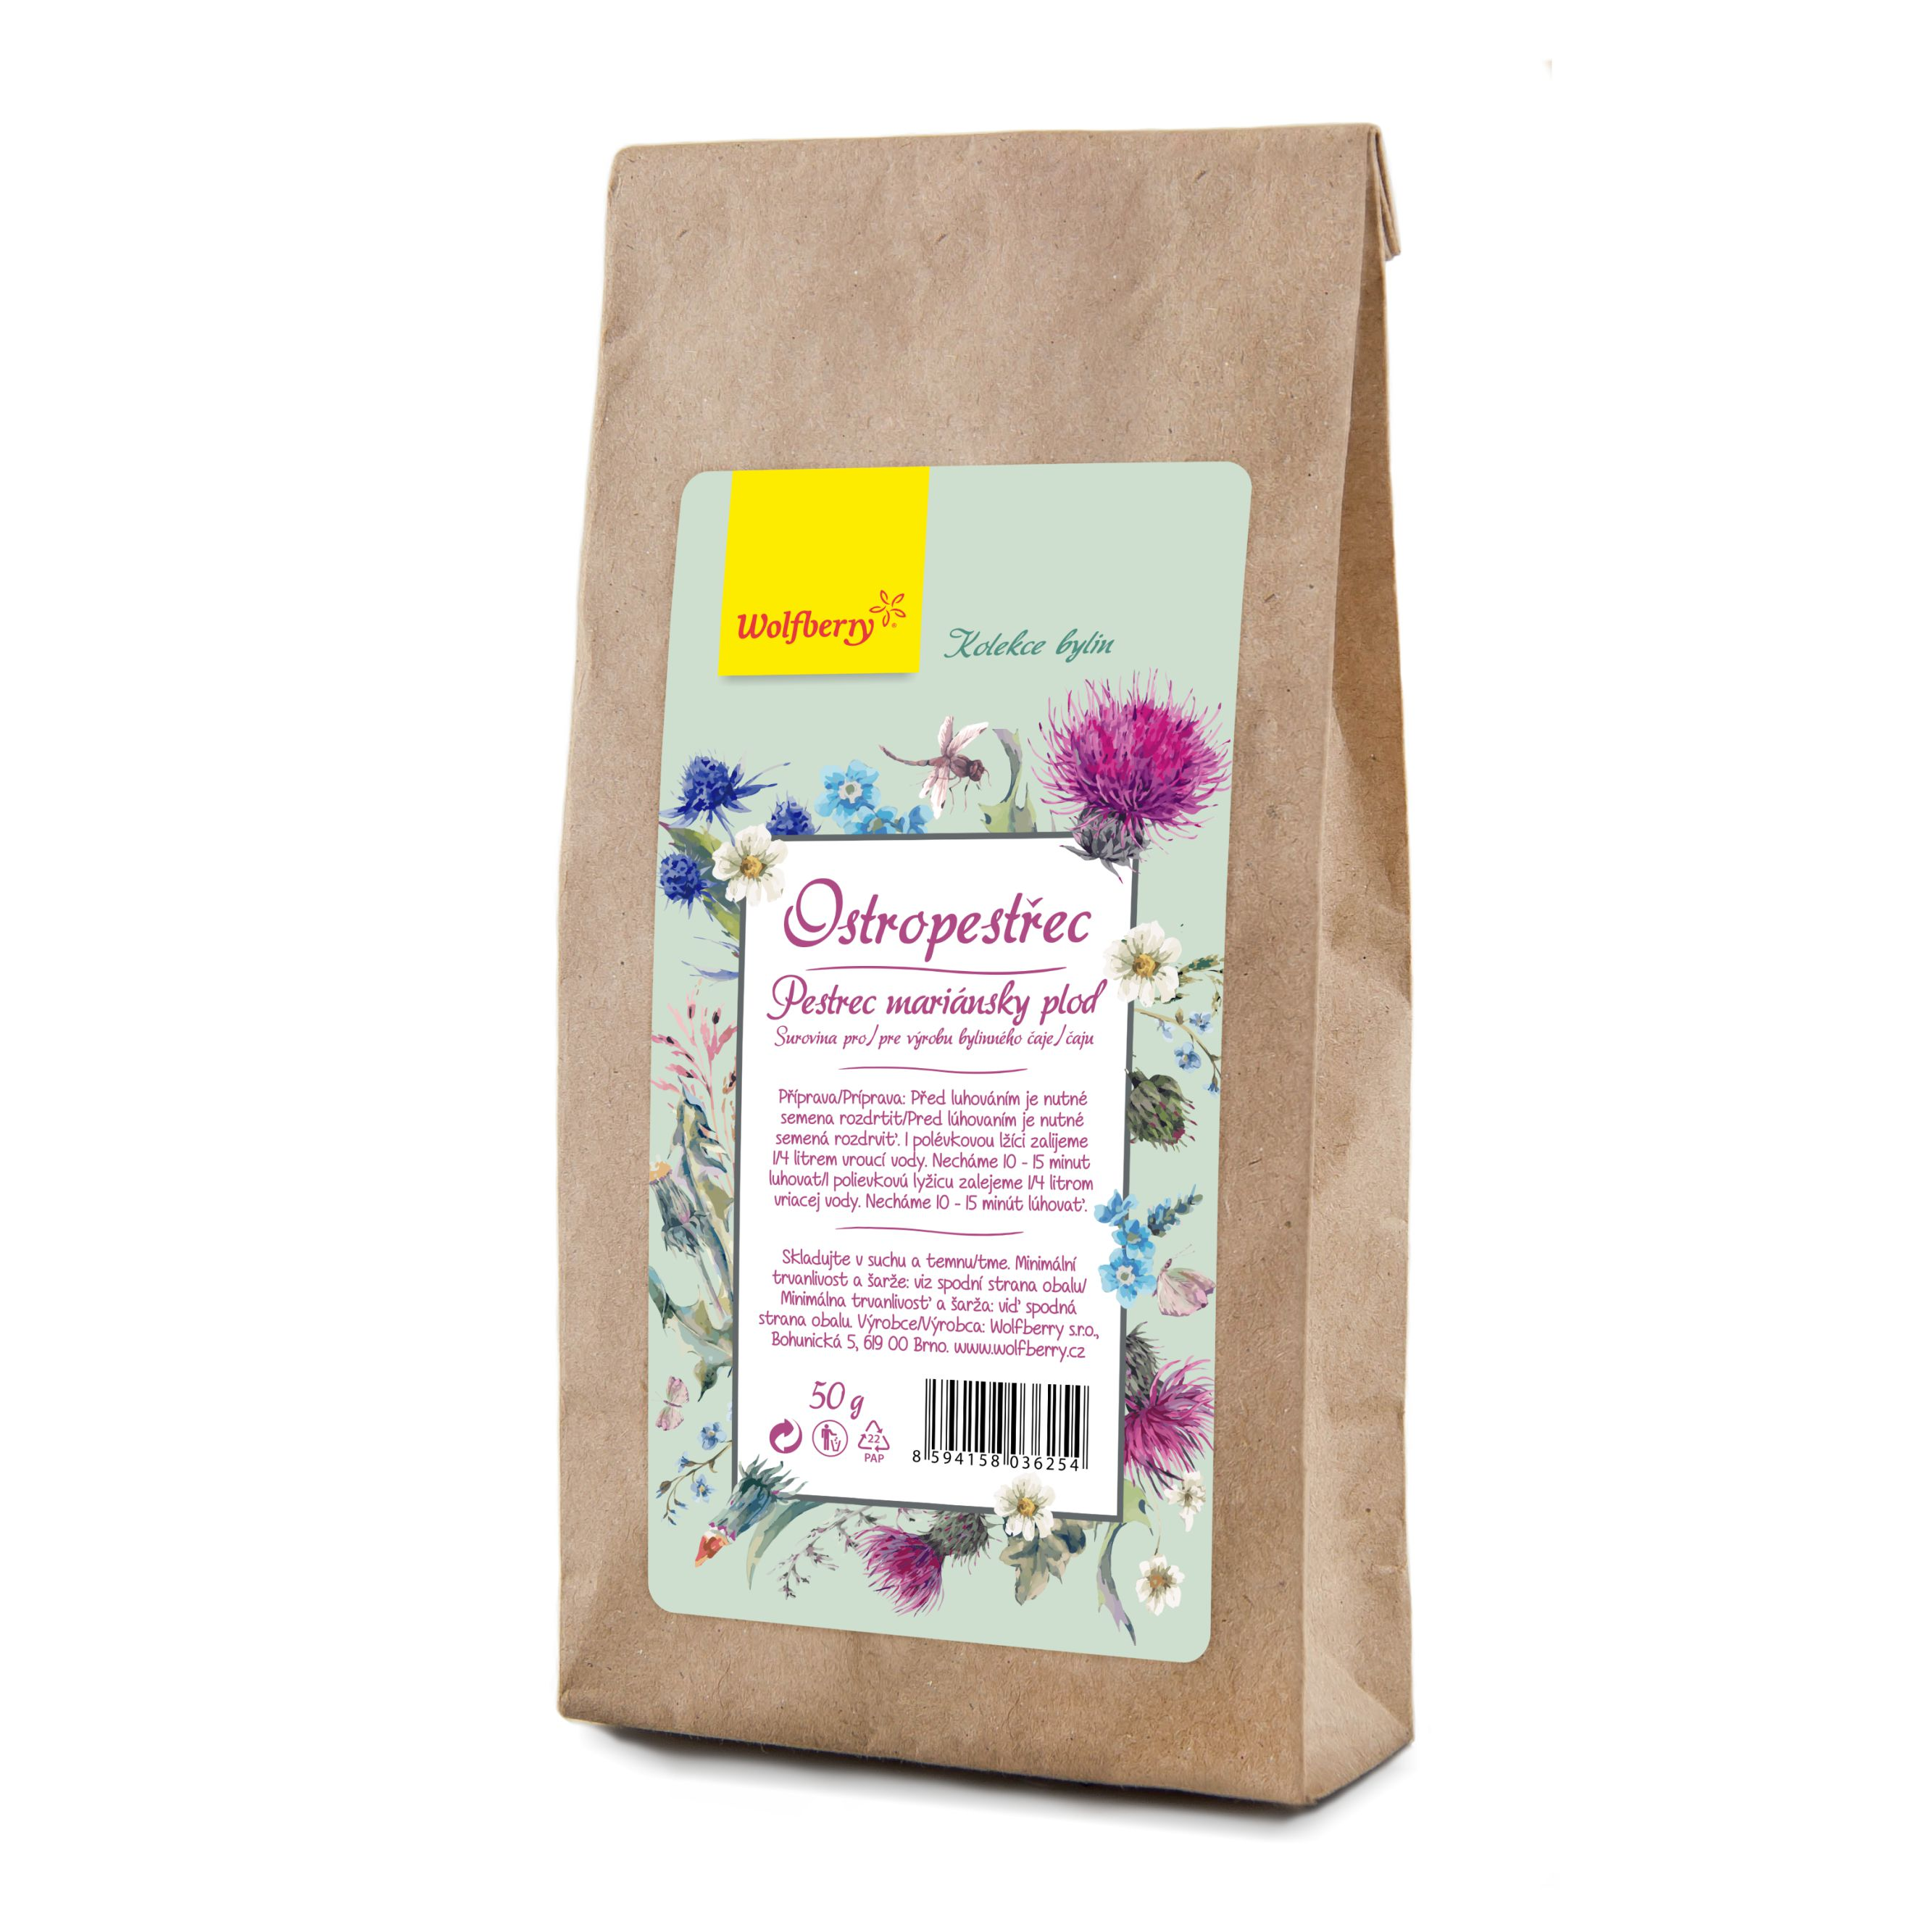 Pestrec plod bylinný čaj 50 g Wolfberry